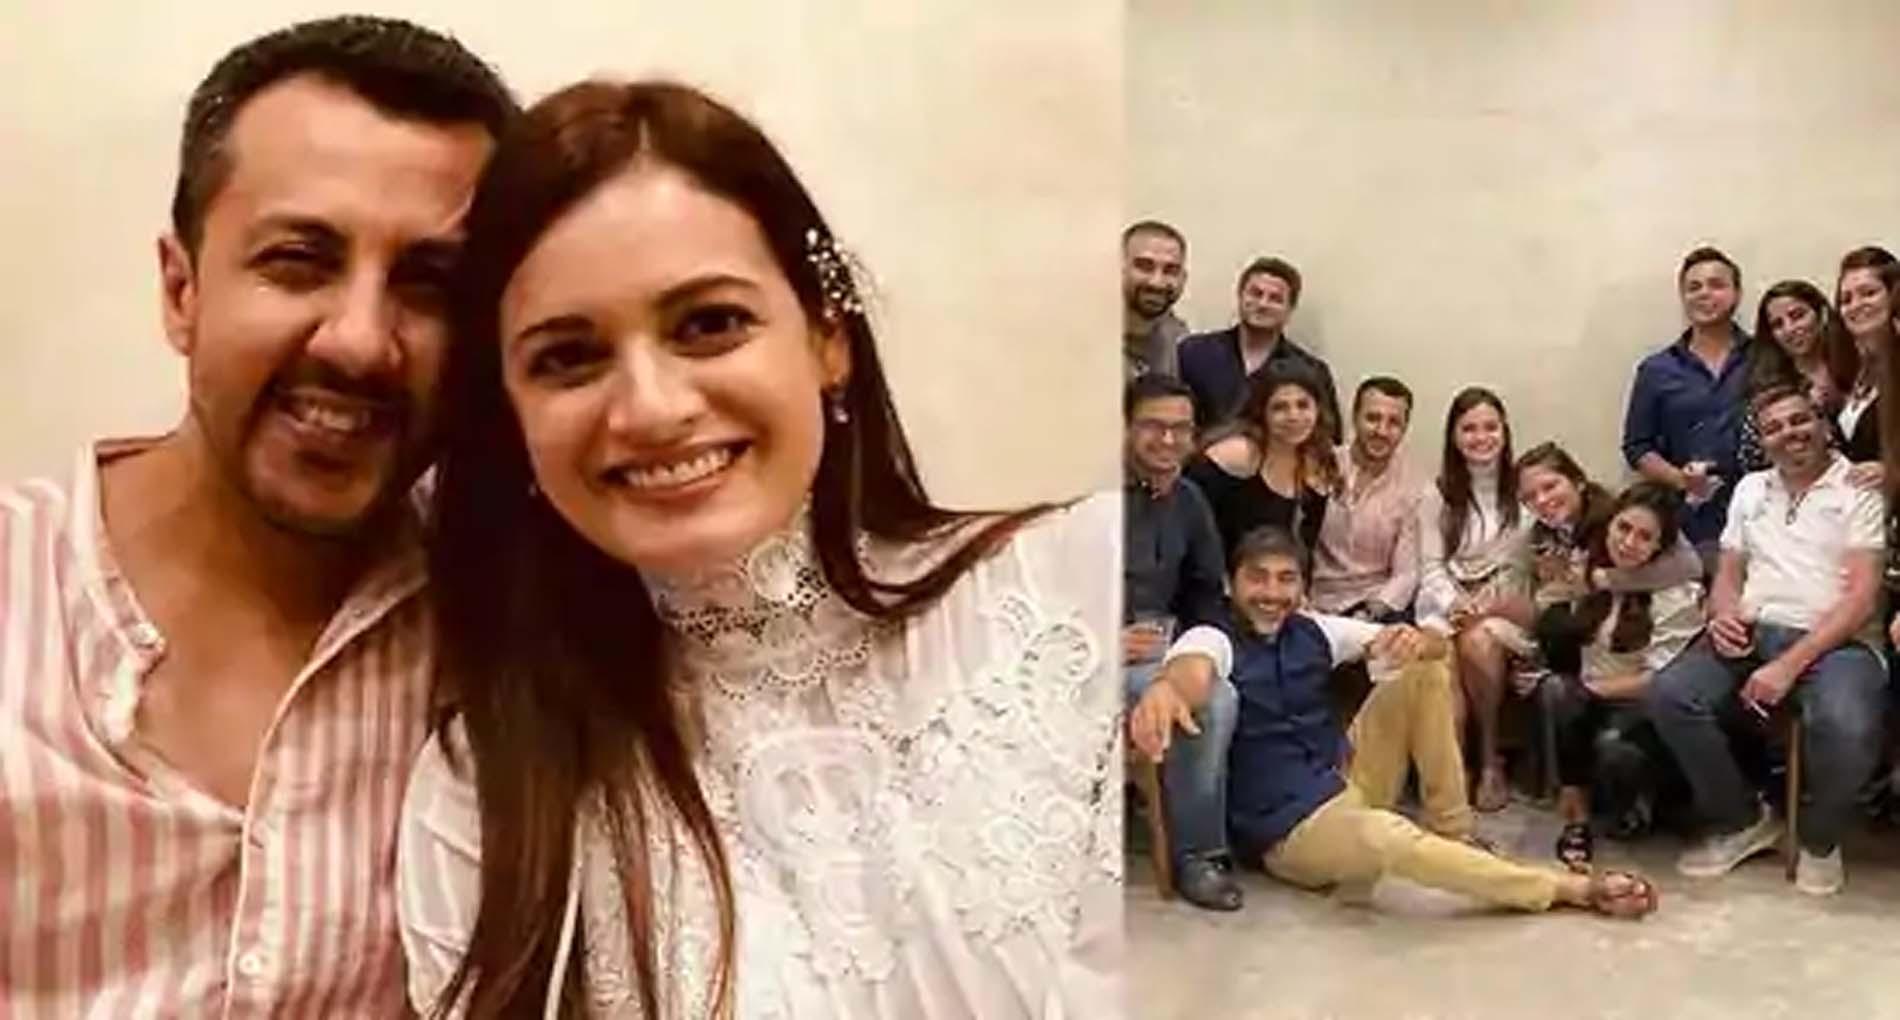 Dia Mirza Marry: शादी के बंधन में बंधने जा रही हैं दीया मिर्जा! वैभव रेखी संग लेंगी सात फेरे